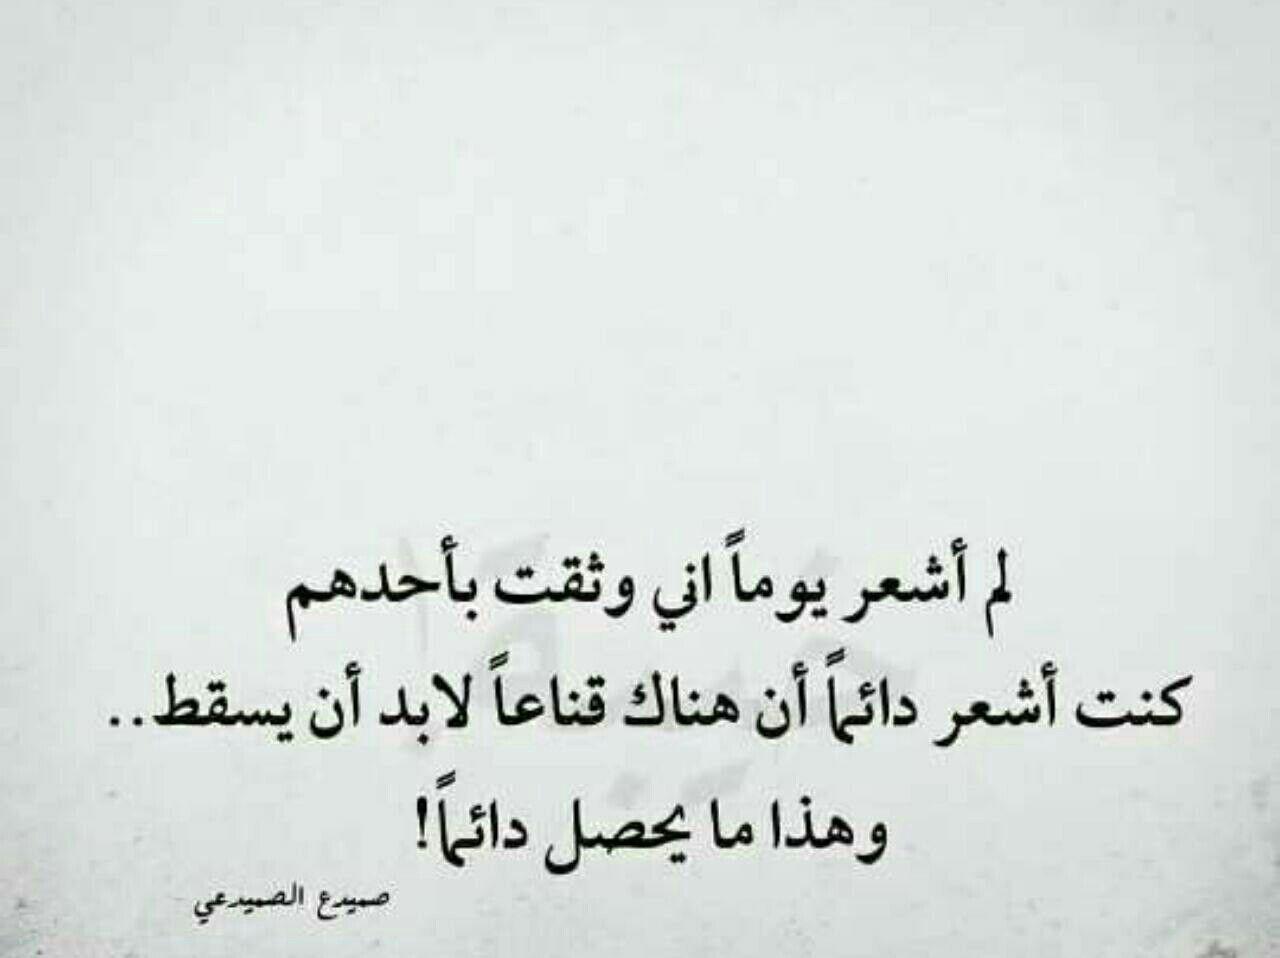 لم أشعر يوما أني وثقت بأحدهم كنت أشعر دائما أن هناك قناعا لابد أن يسقط وهذا ما يحصل دائما Words Arabic Calligraphy Math